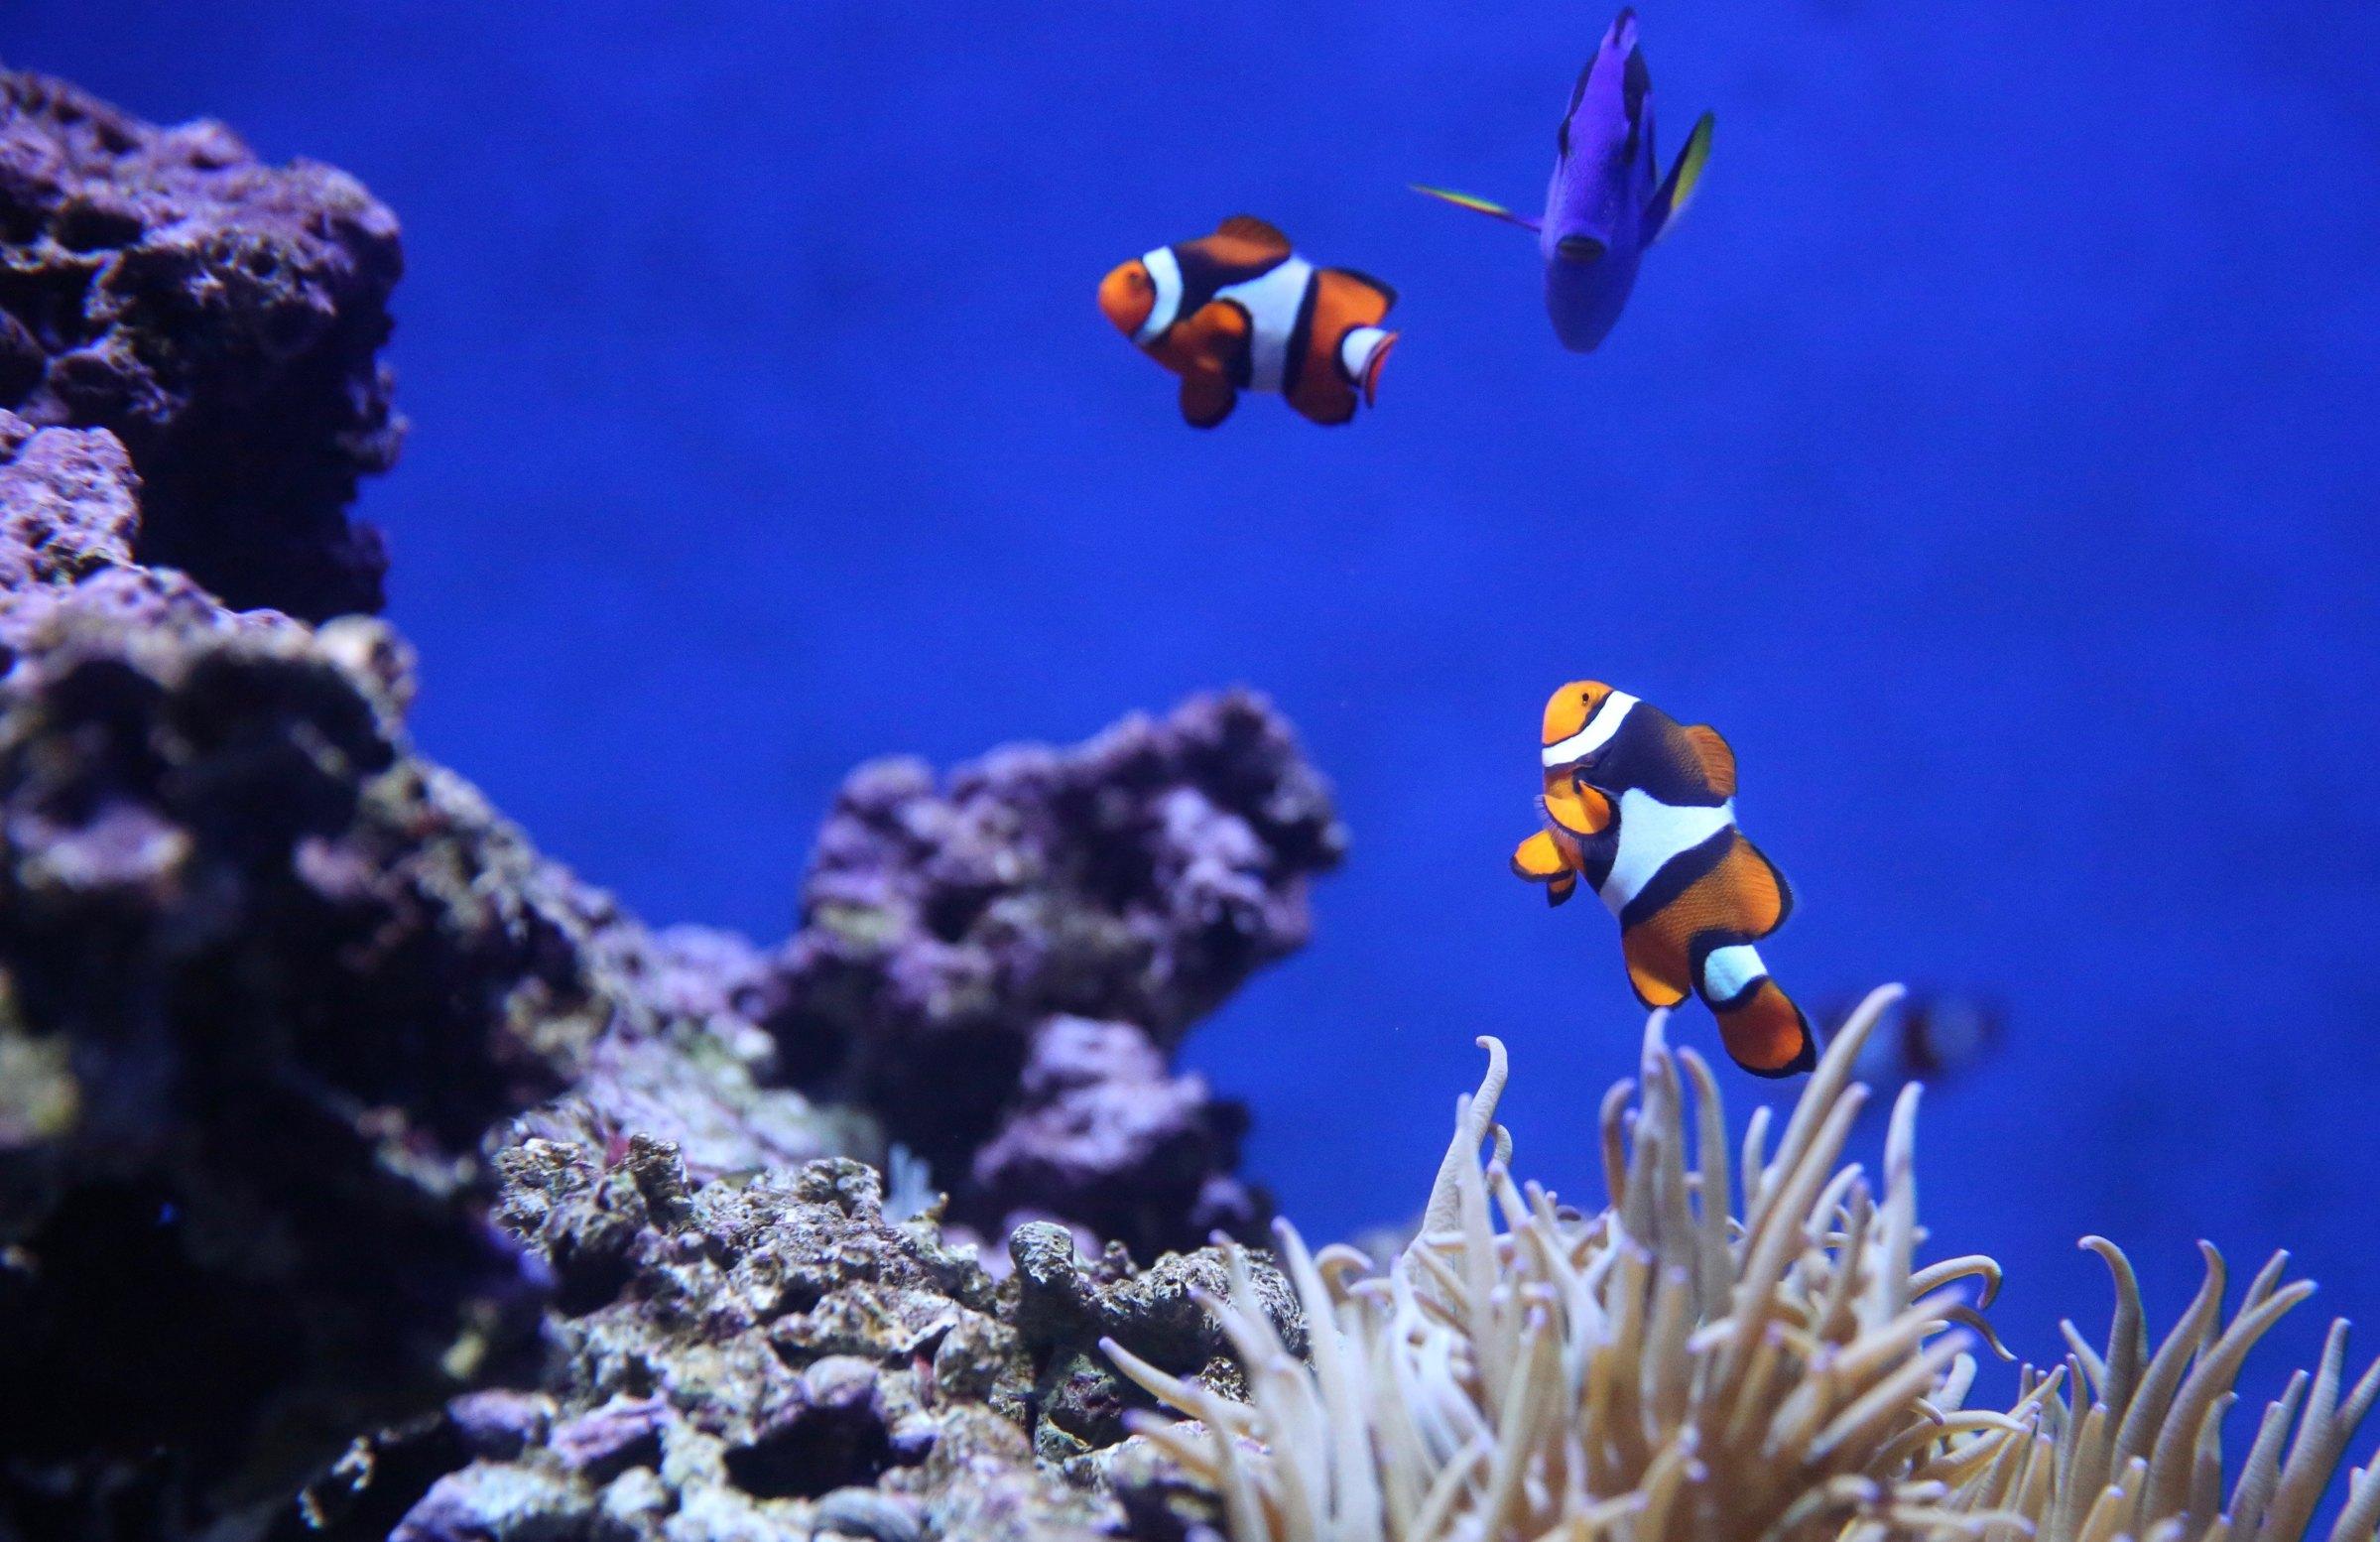 Aquarium cleaners